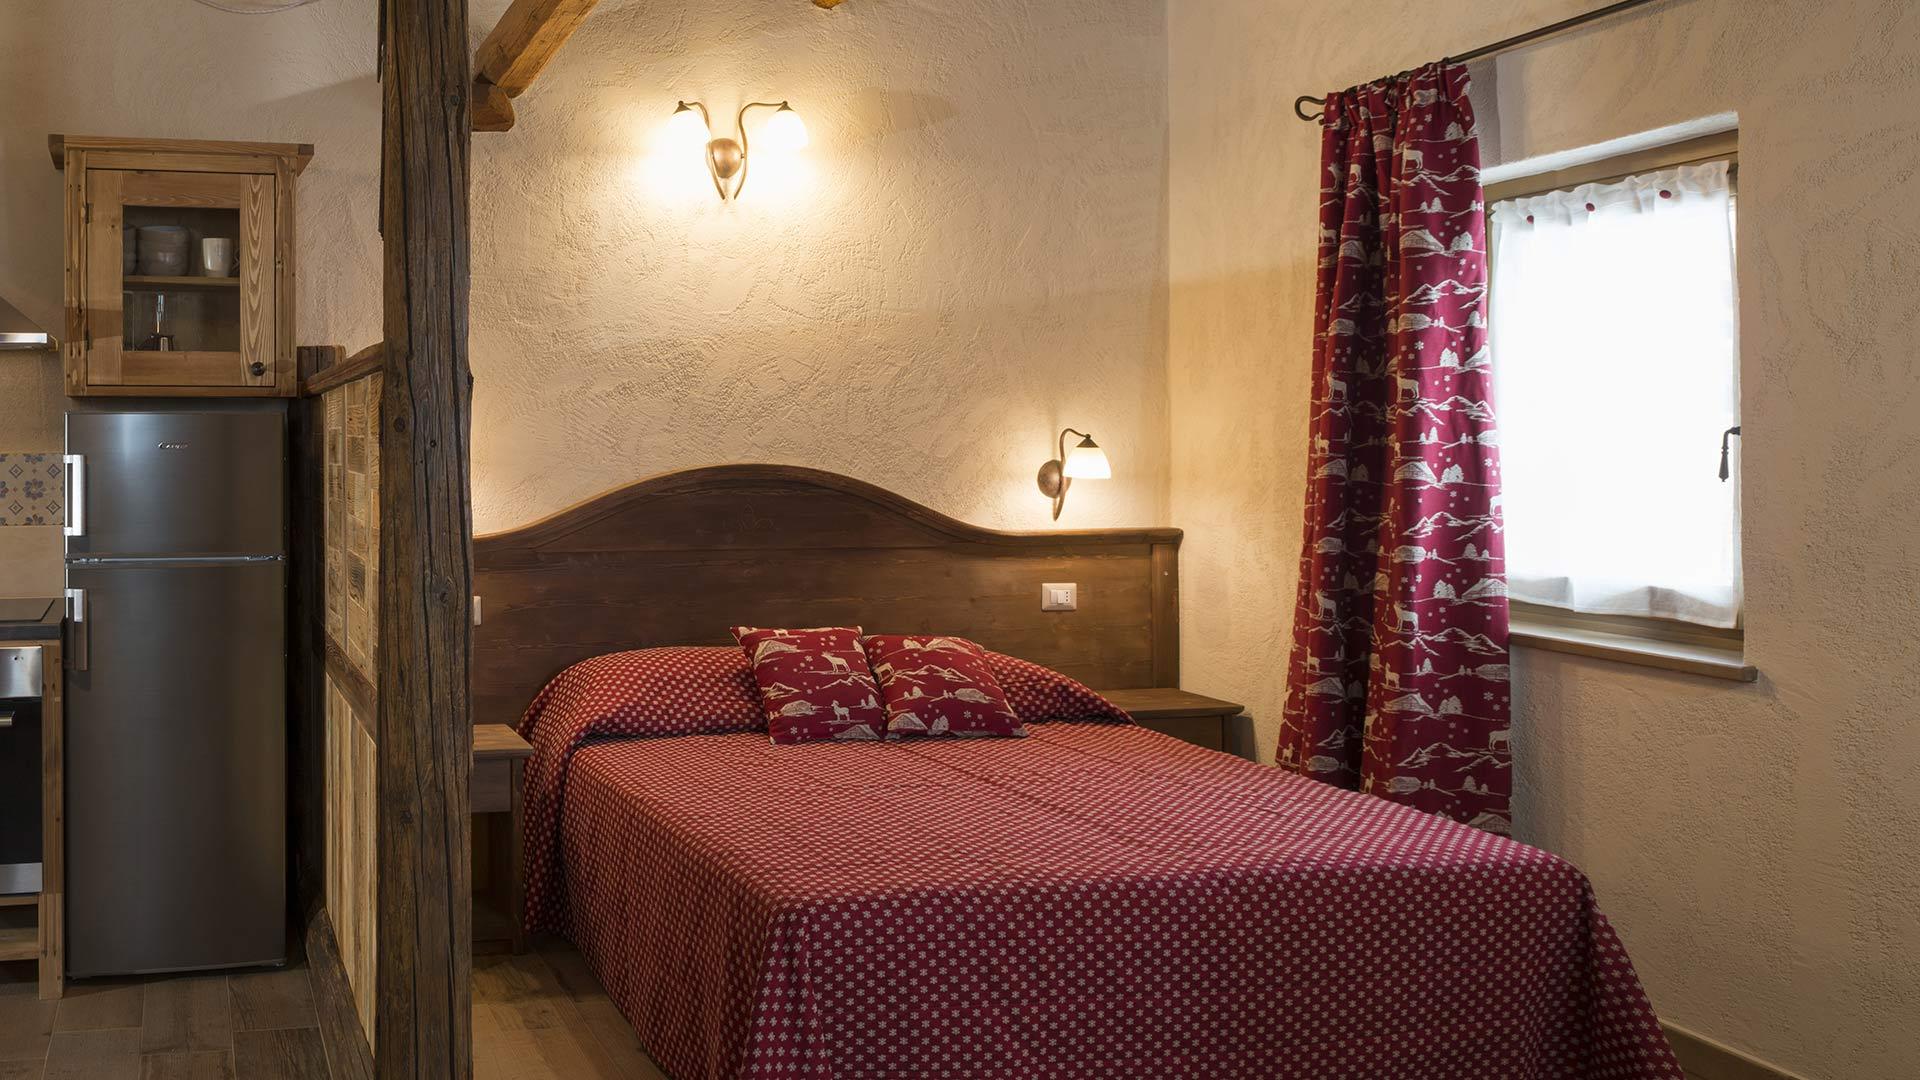 Monolocale in affitto ad Aosta